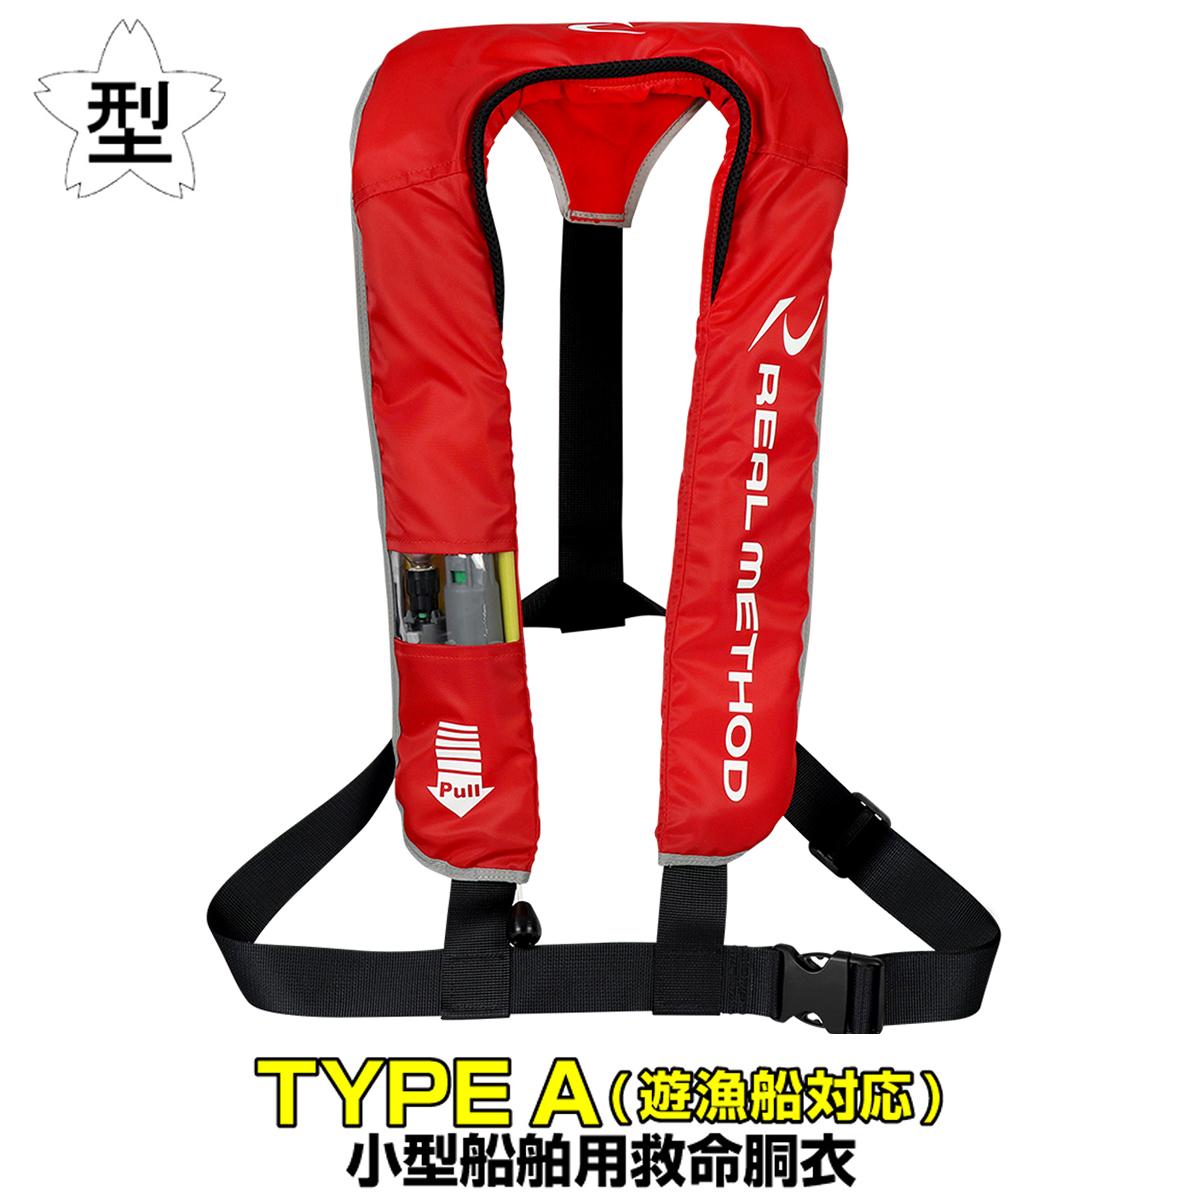 タカミヤ REALMETHOD 自動/手動式兼用 膨脹式ライフジャケット ショルダータイプ BJ-2700型 レッド ※遊漁船対応【送料無料】